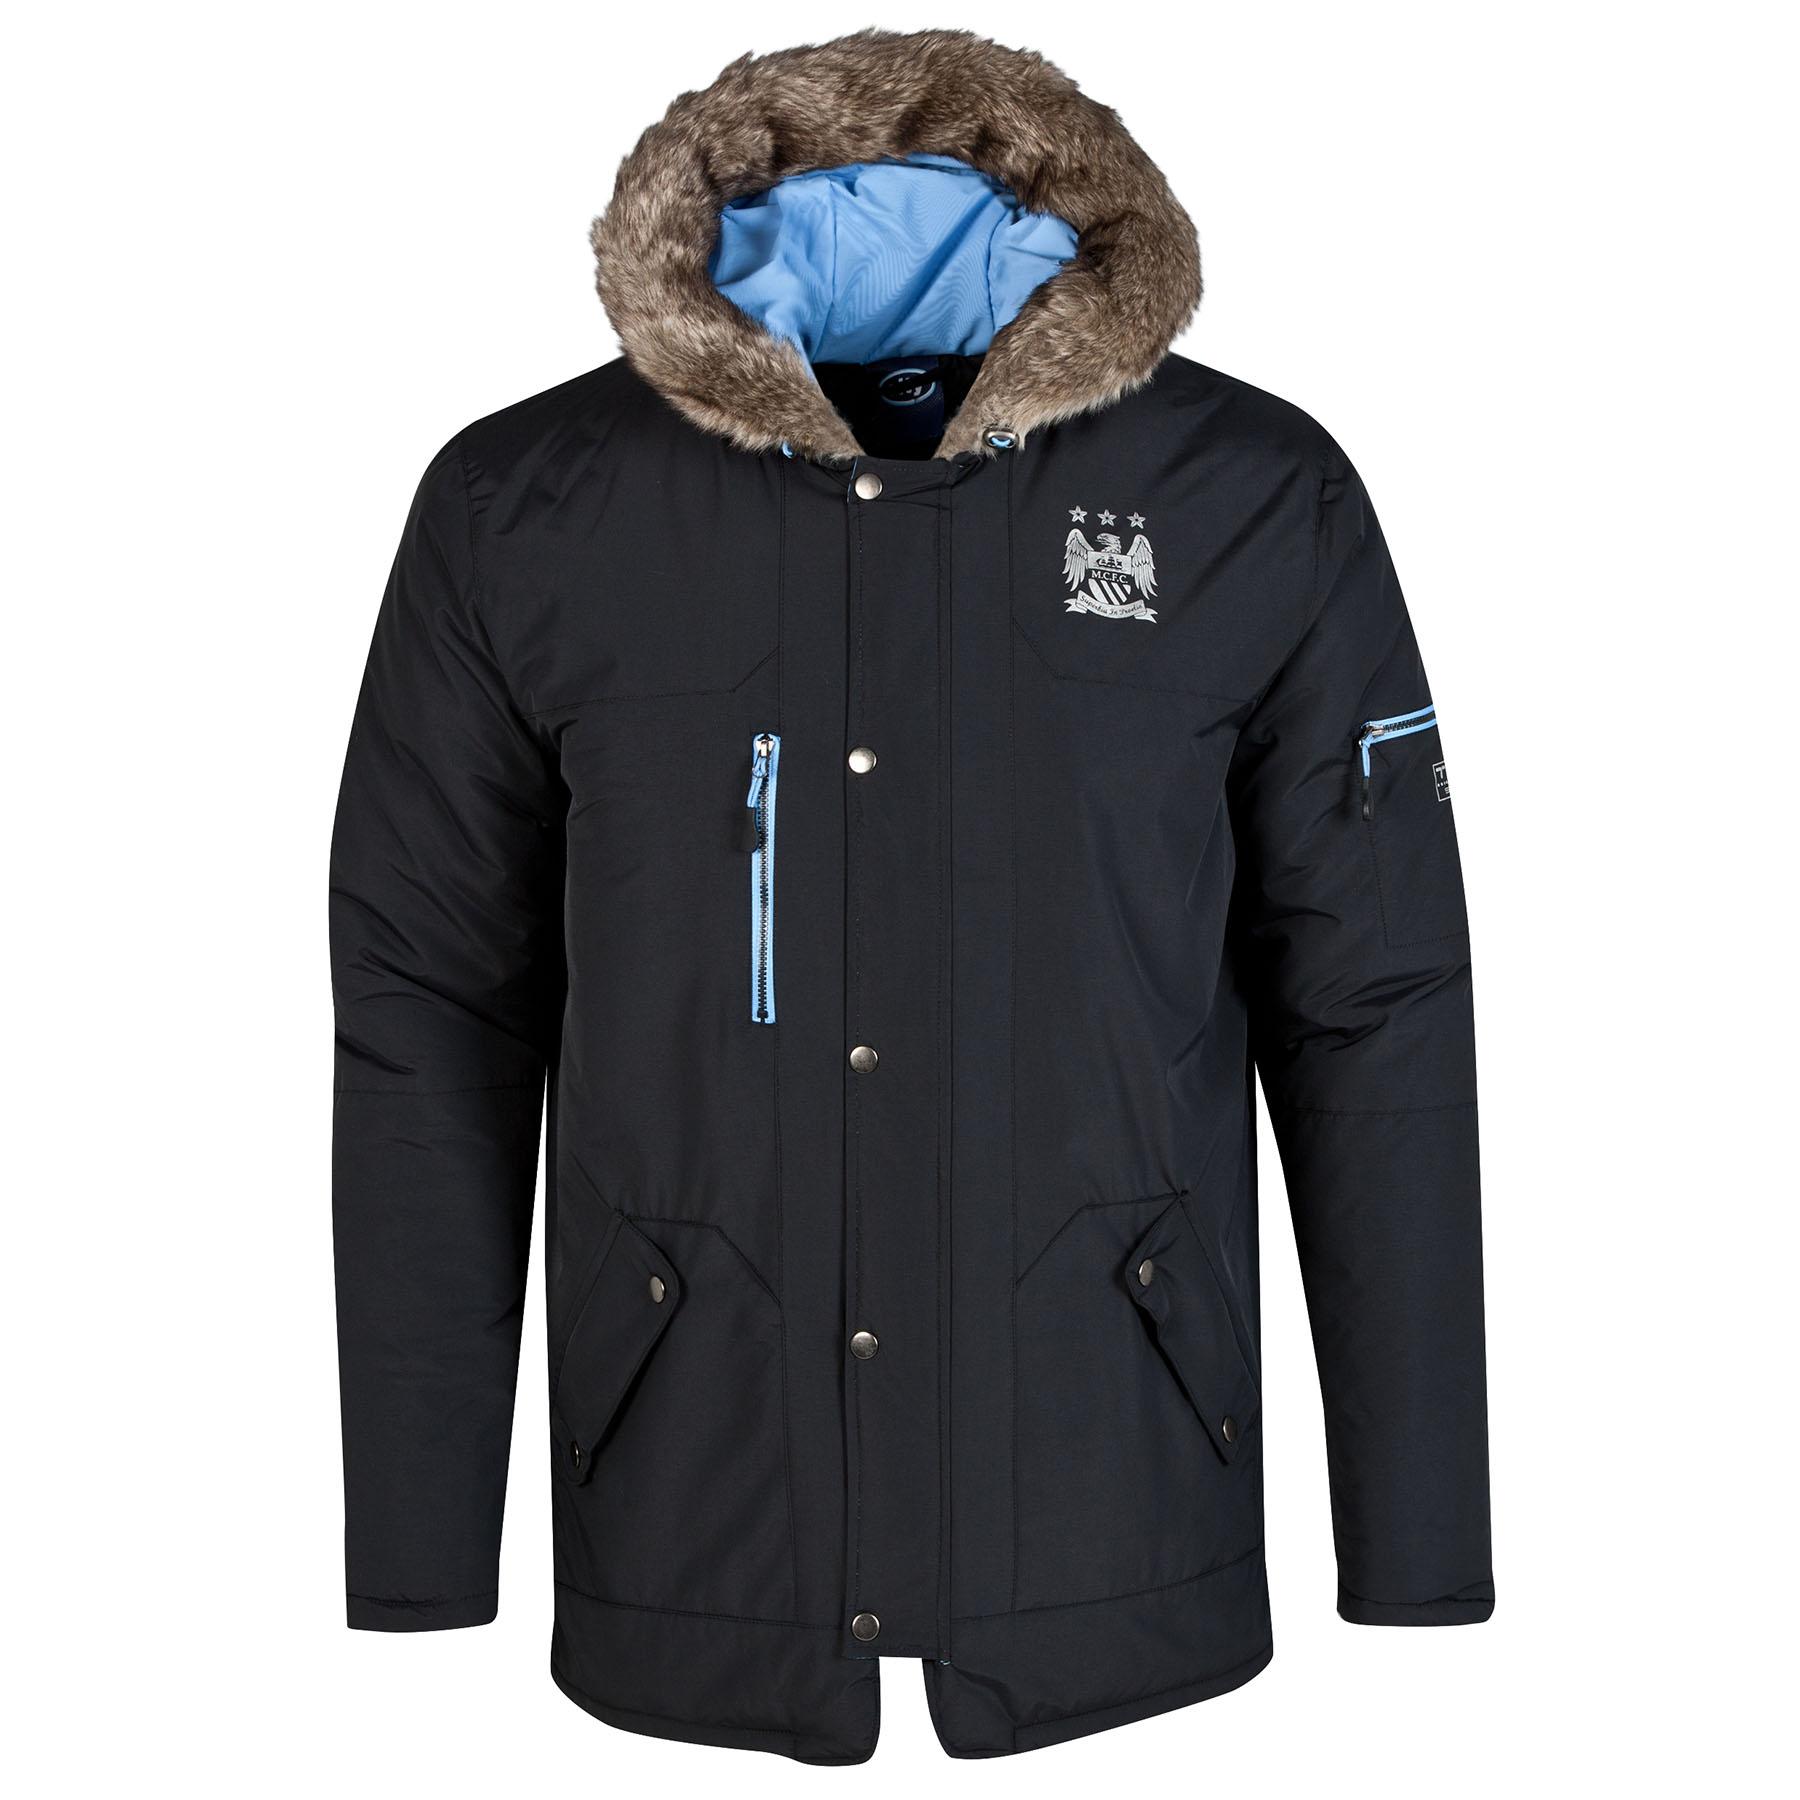 Manchester City Parka Coat - Black - Mens